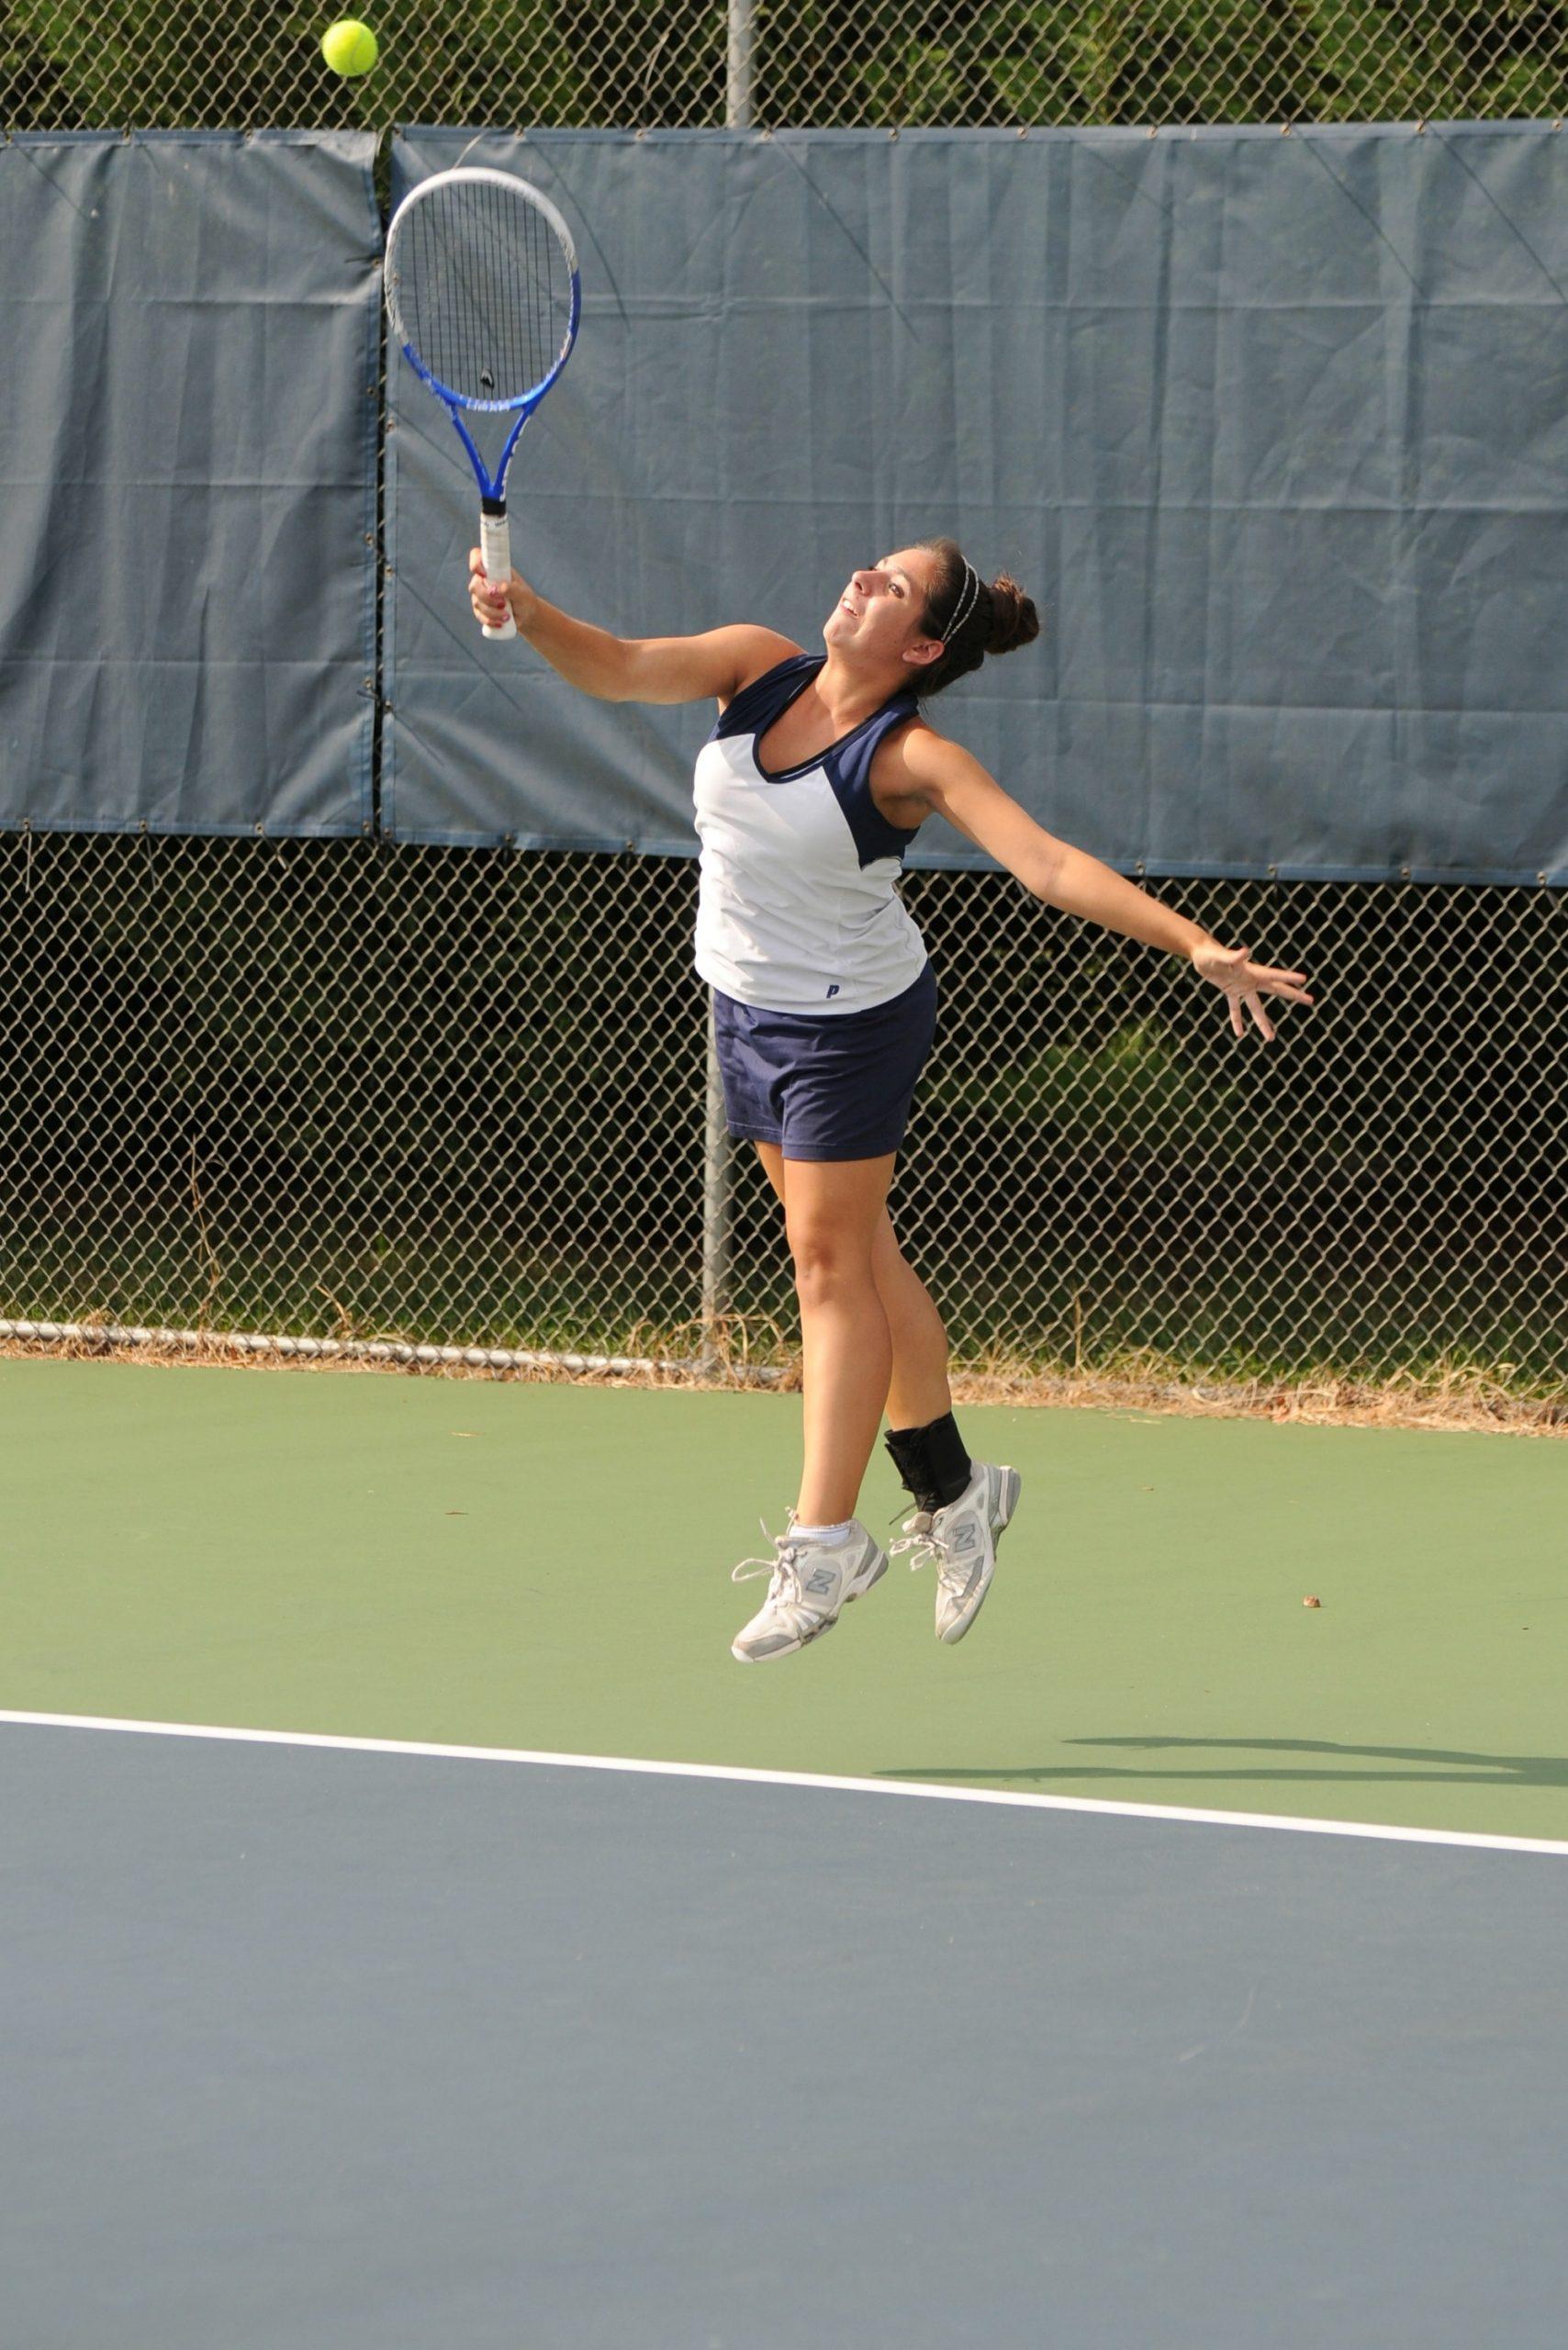 Bermain Tenis : bermain, tenis, Berita, Olahraga, Tenis, Mpsgroupchamps